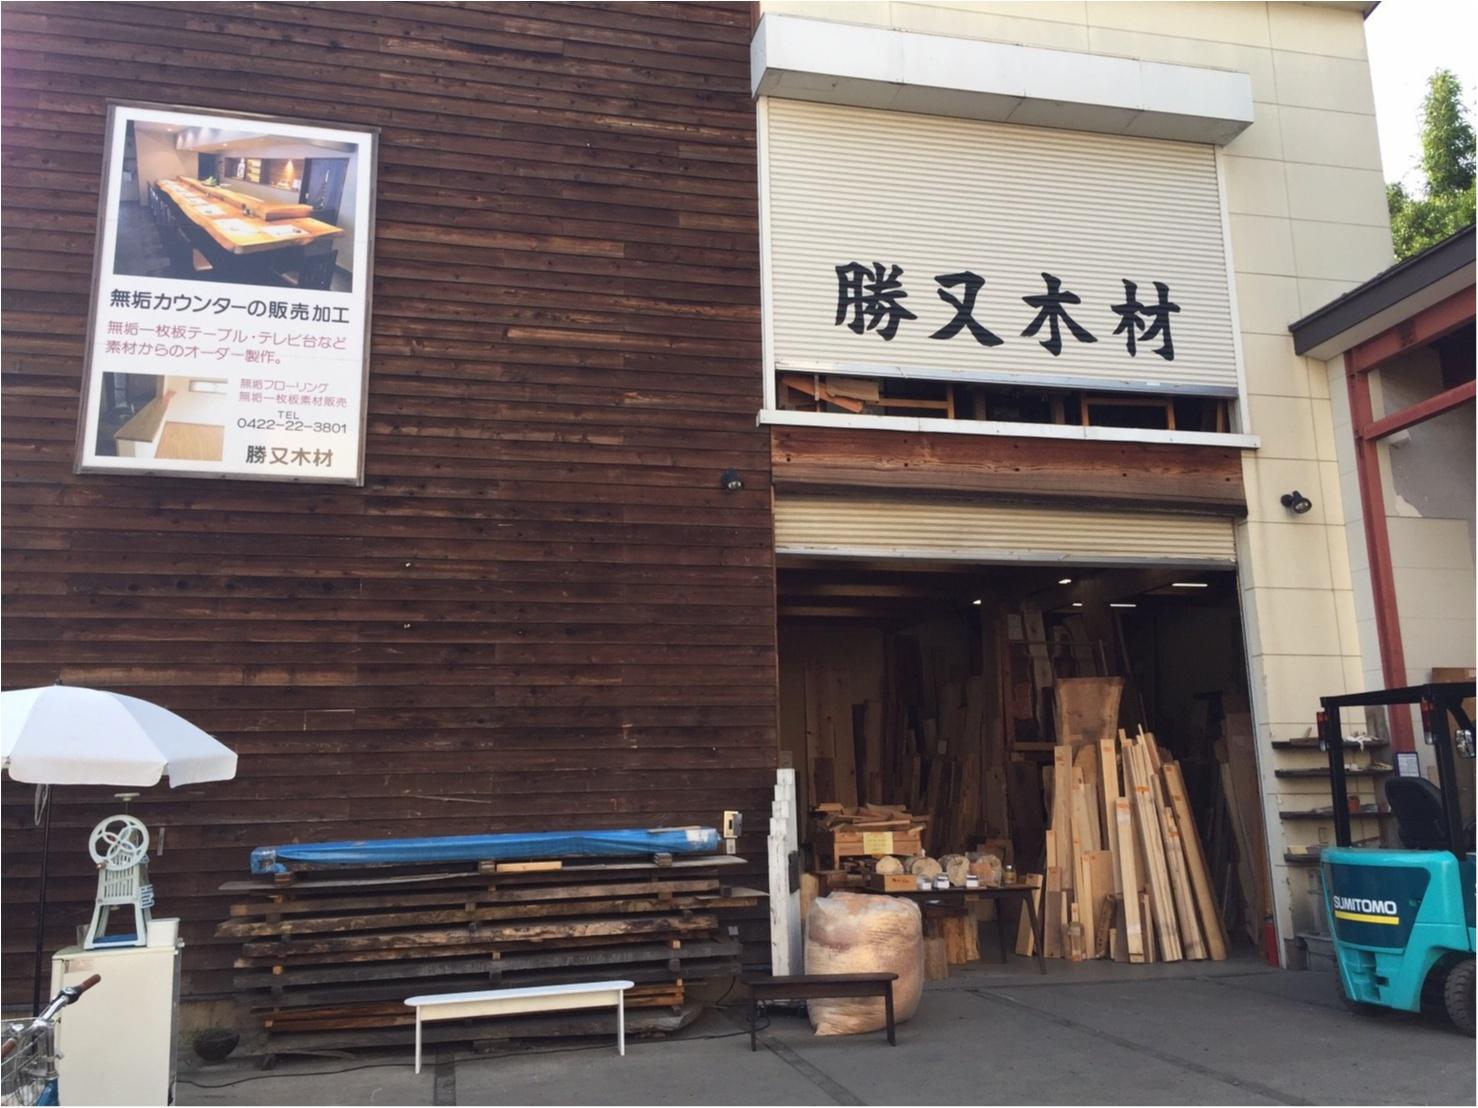 【また訪れたい】吉祥寺で、見つけた素敵な木材屋さん!おすすめのお店_2